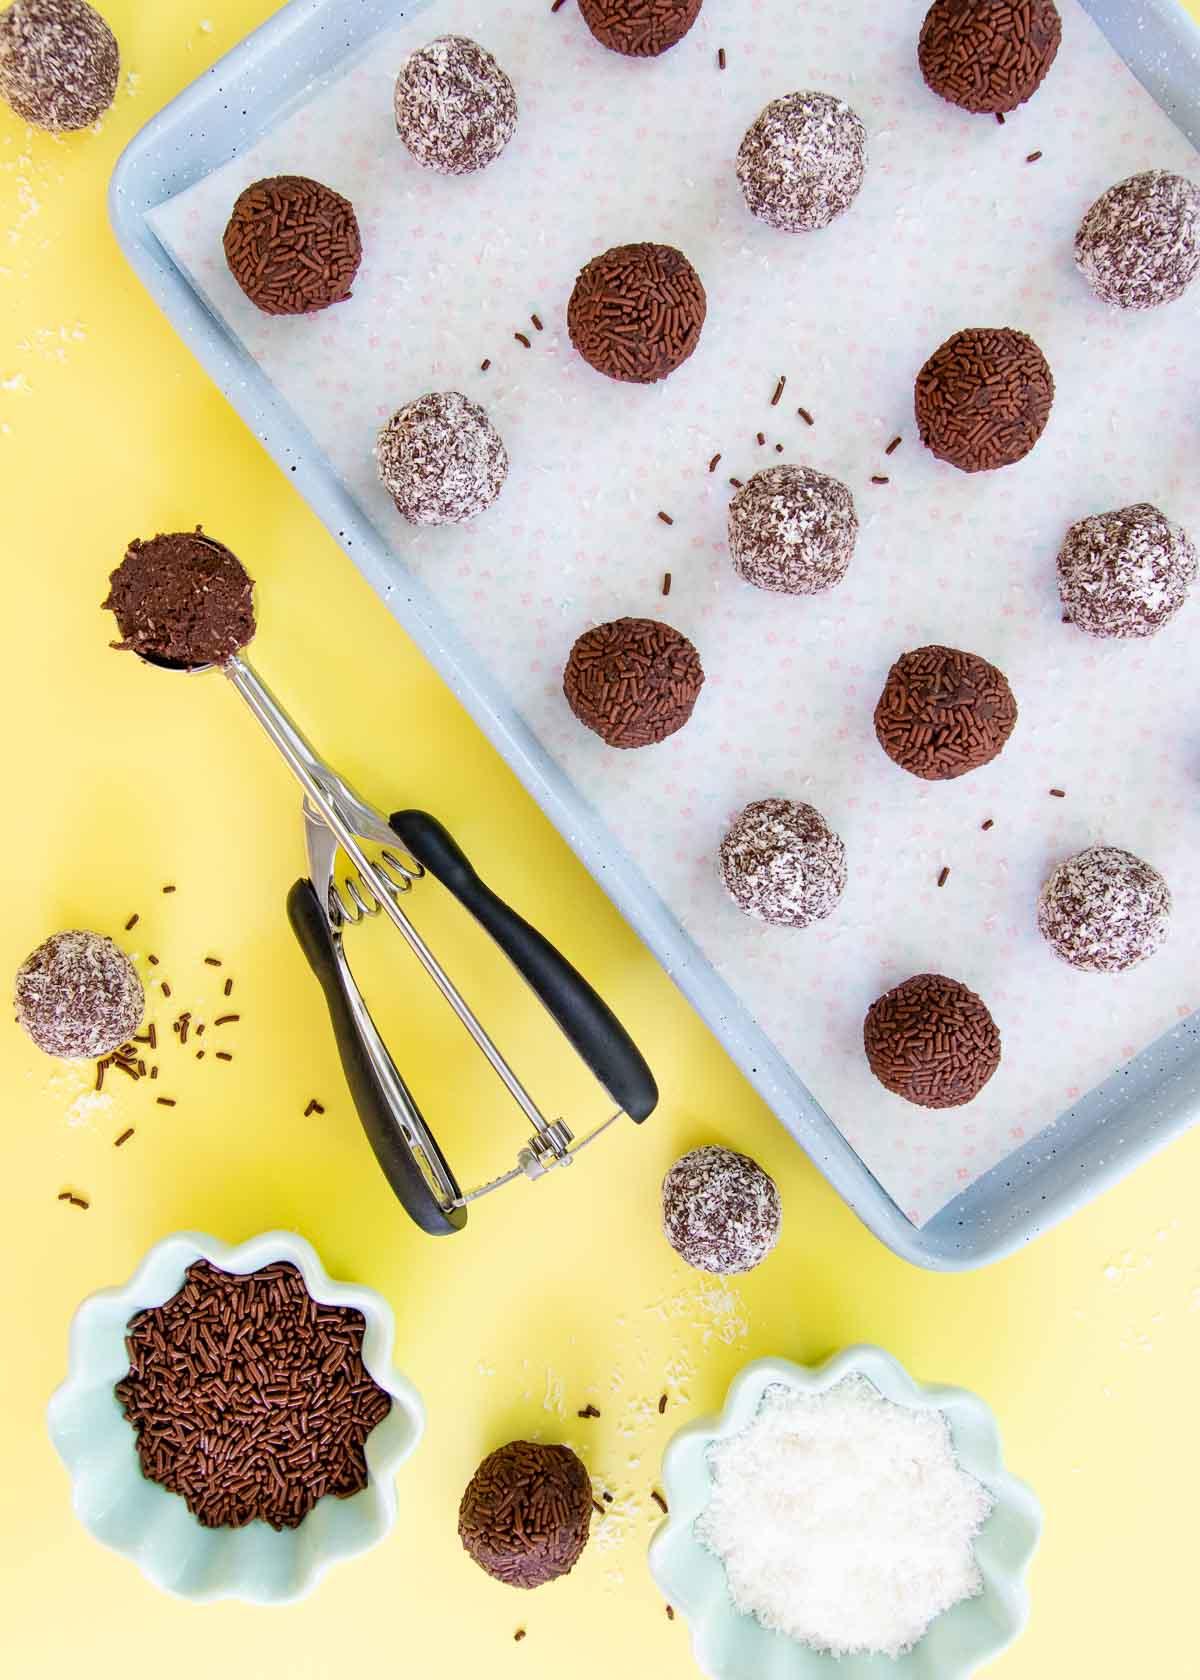 Chocolate coconut rum balls